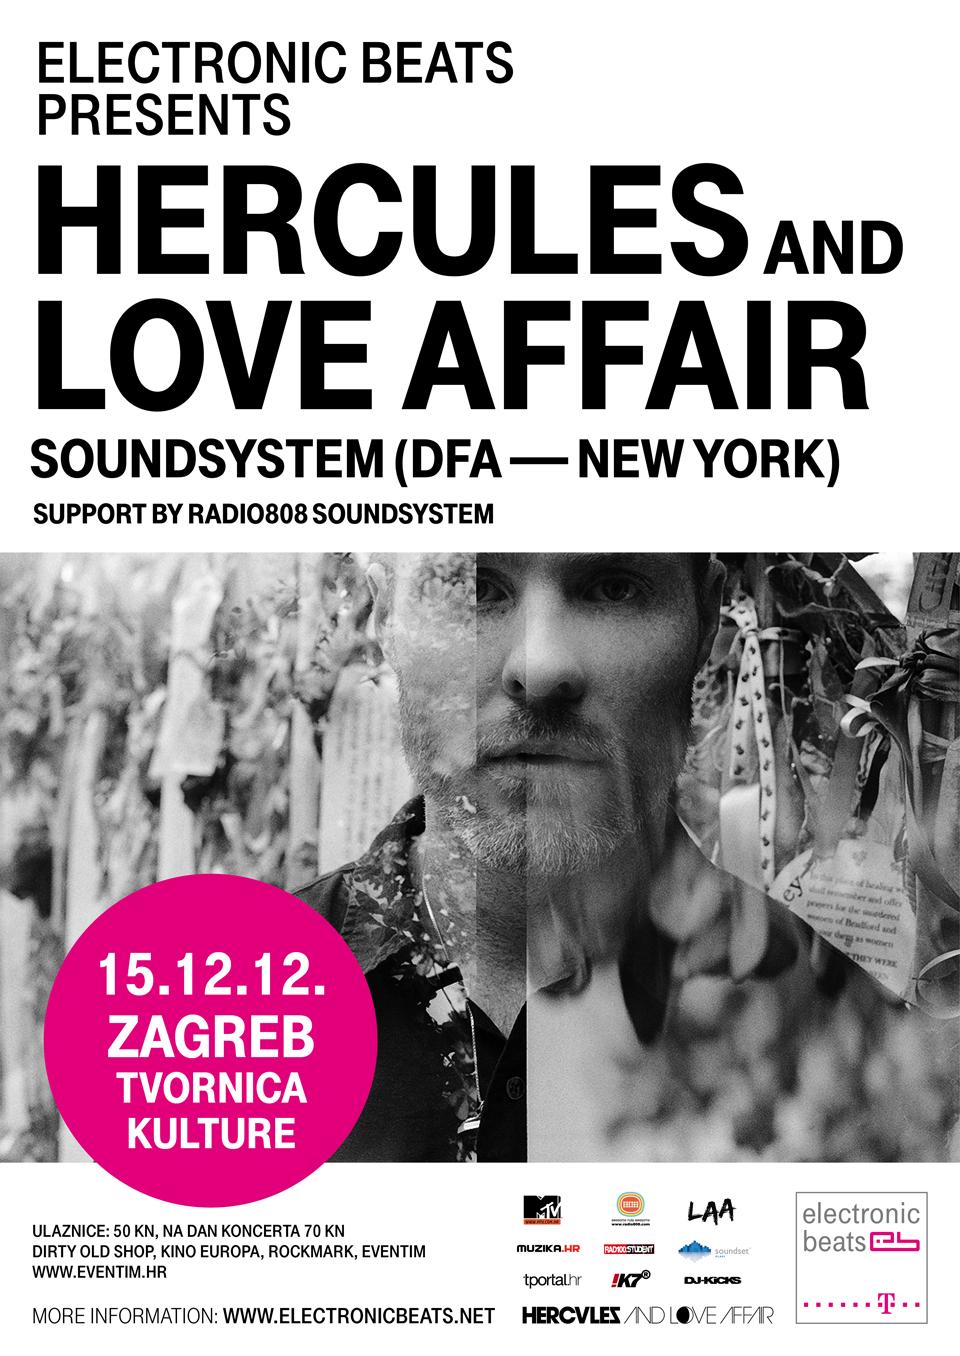 HERCULES_ZAGREB